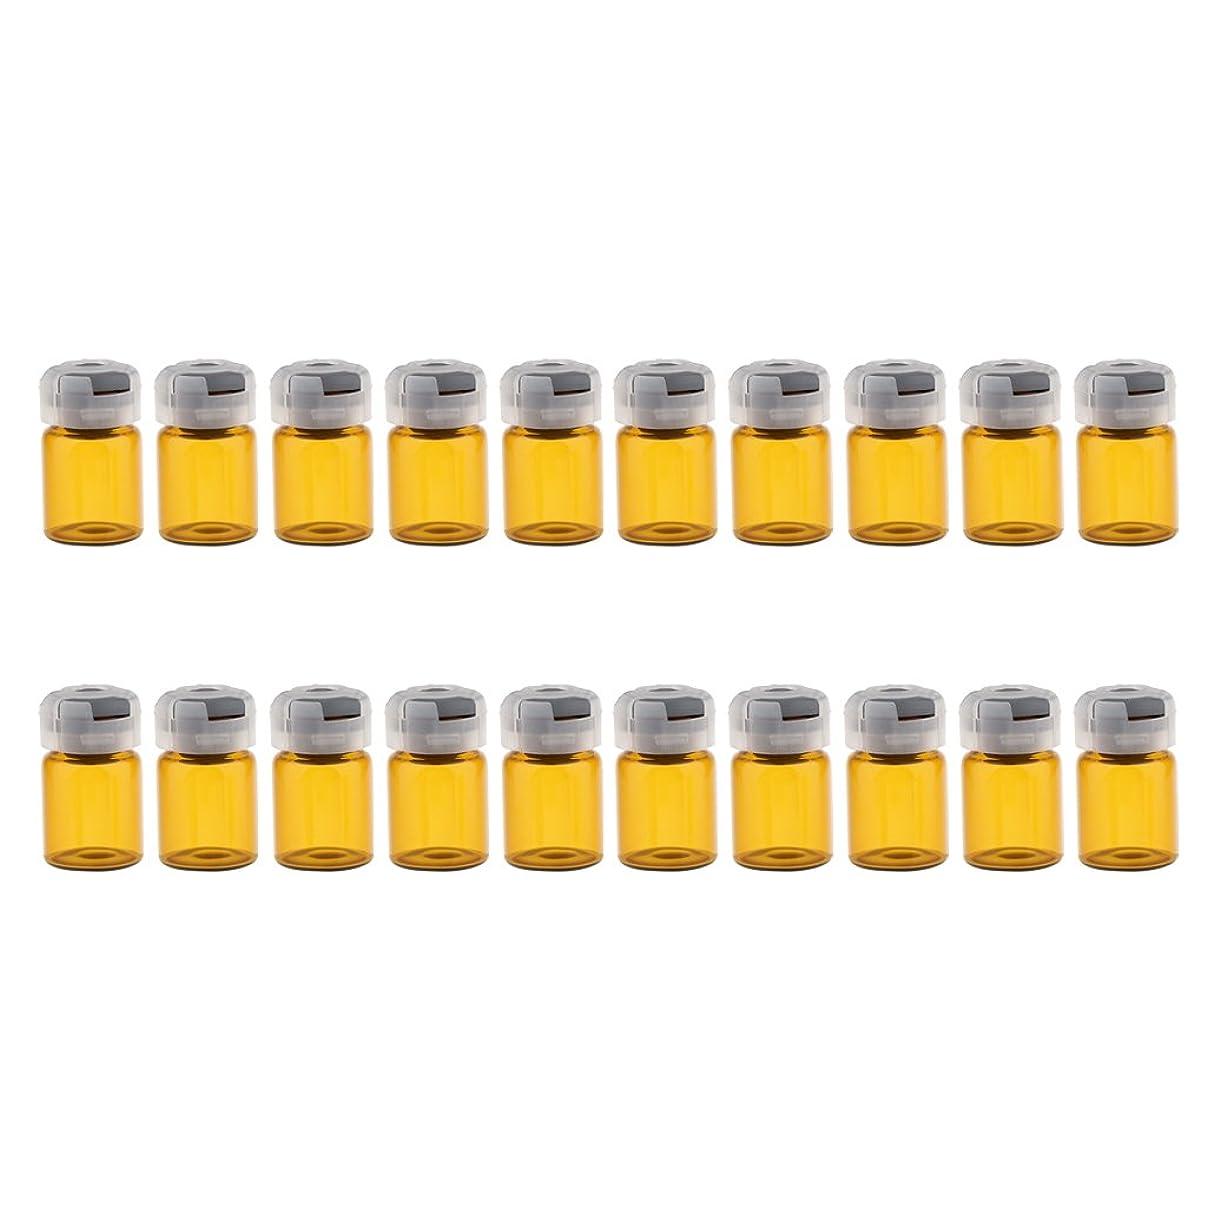 データパール落ちたSharplace 空 バイアル 密封 滅菌バイアル ガラス 液体容器 約20個 全3サイズ - 5ml